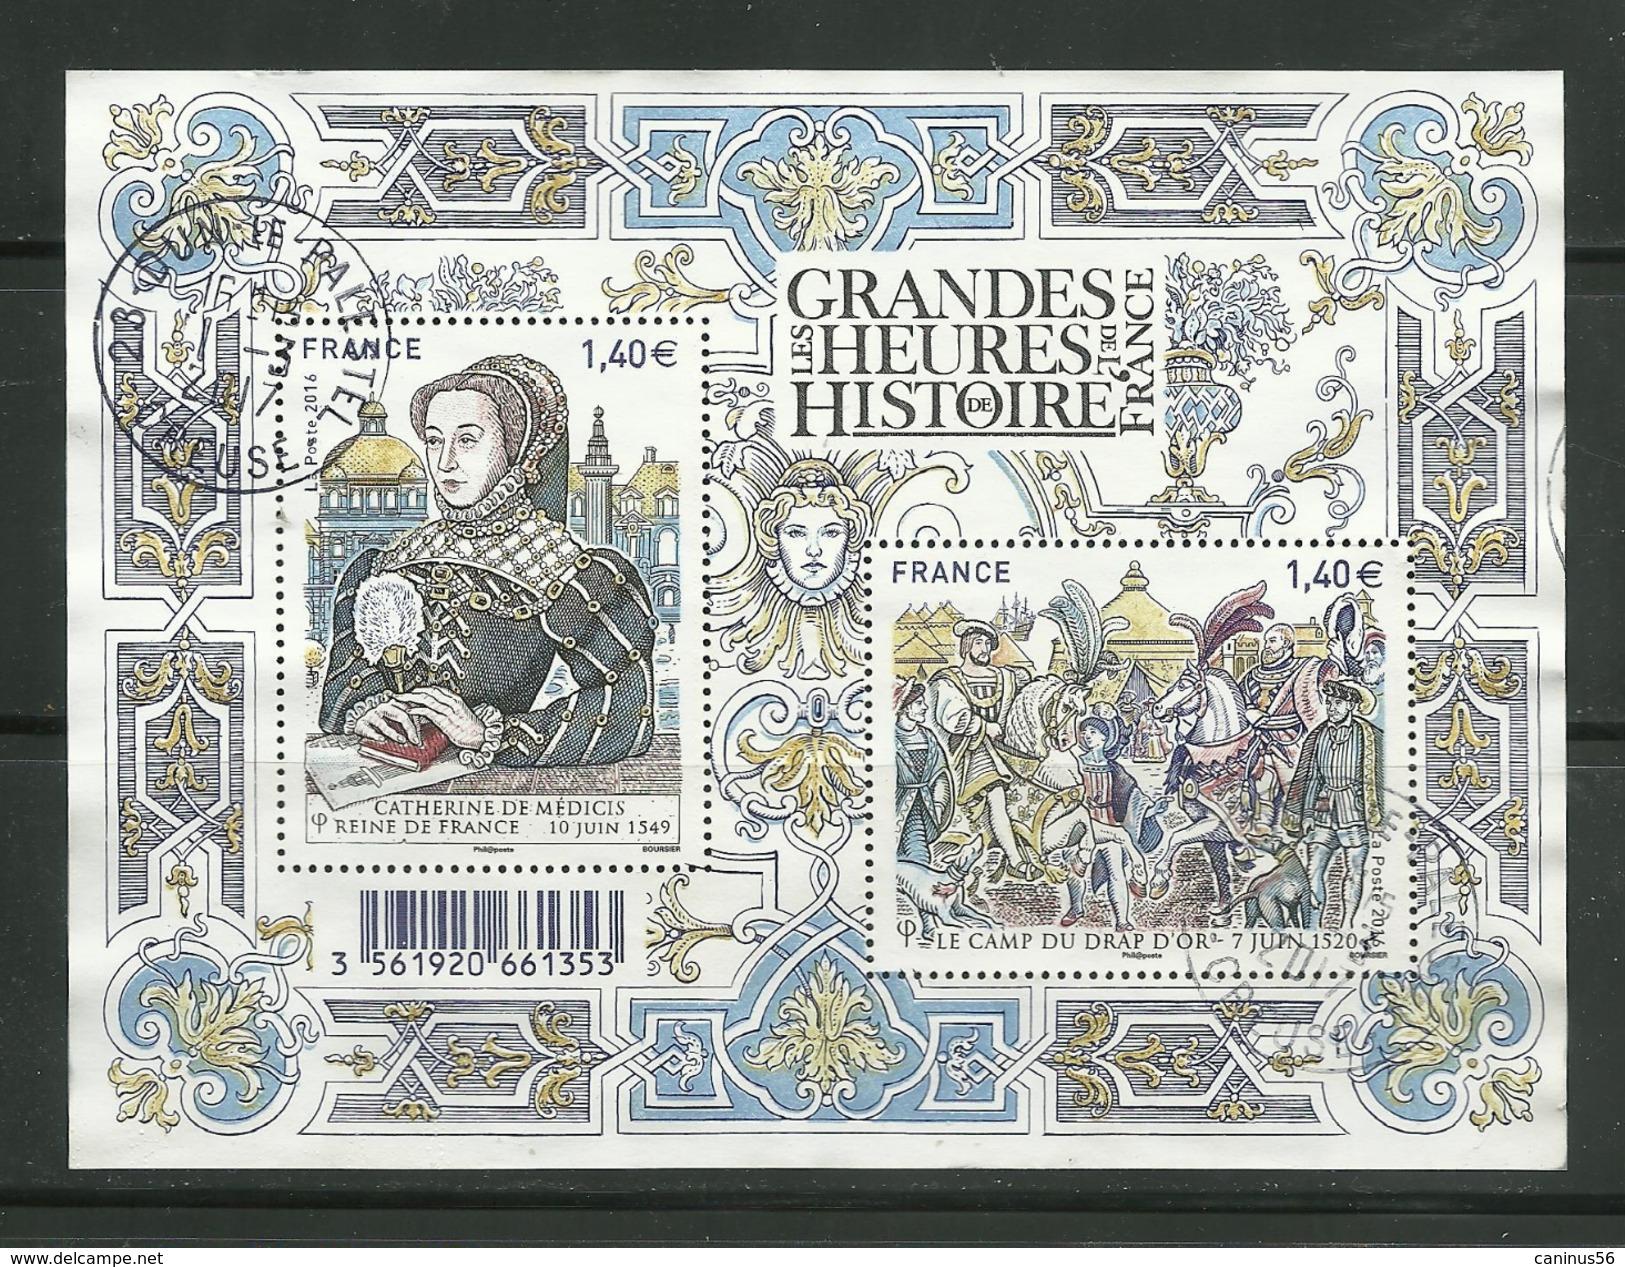 5067 5068 F5067 - 2016 : Feuillet Grandes Heures De L'histoire De France - Cachet Rond - Frankreich